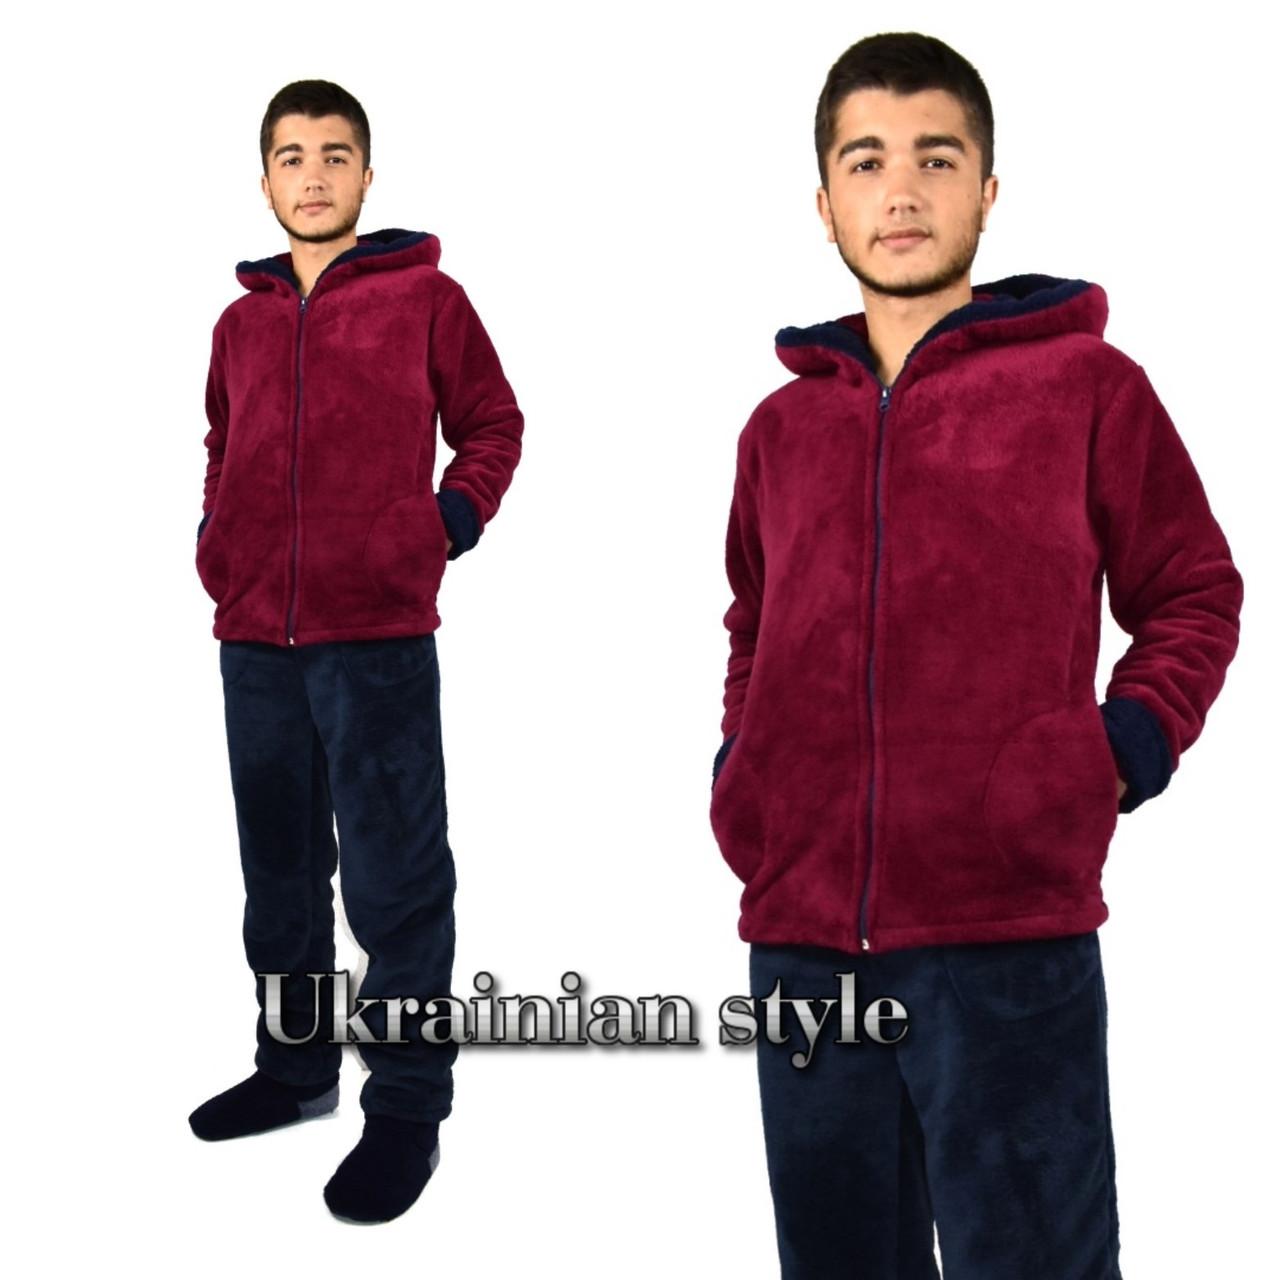 81407eb0de0 Мужской теплый махровый домашний костюм. 4 цвета!  продажа